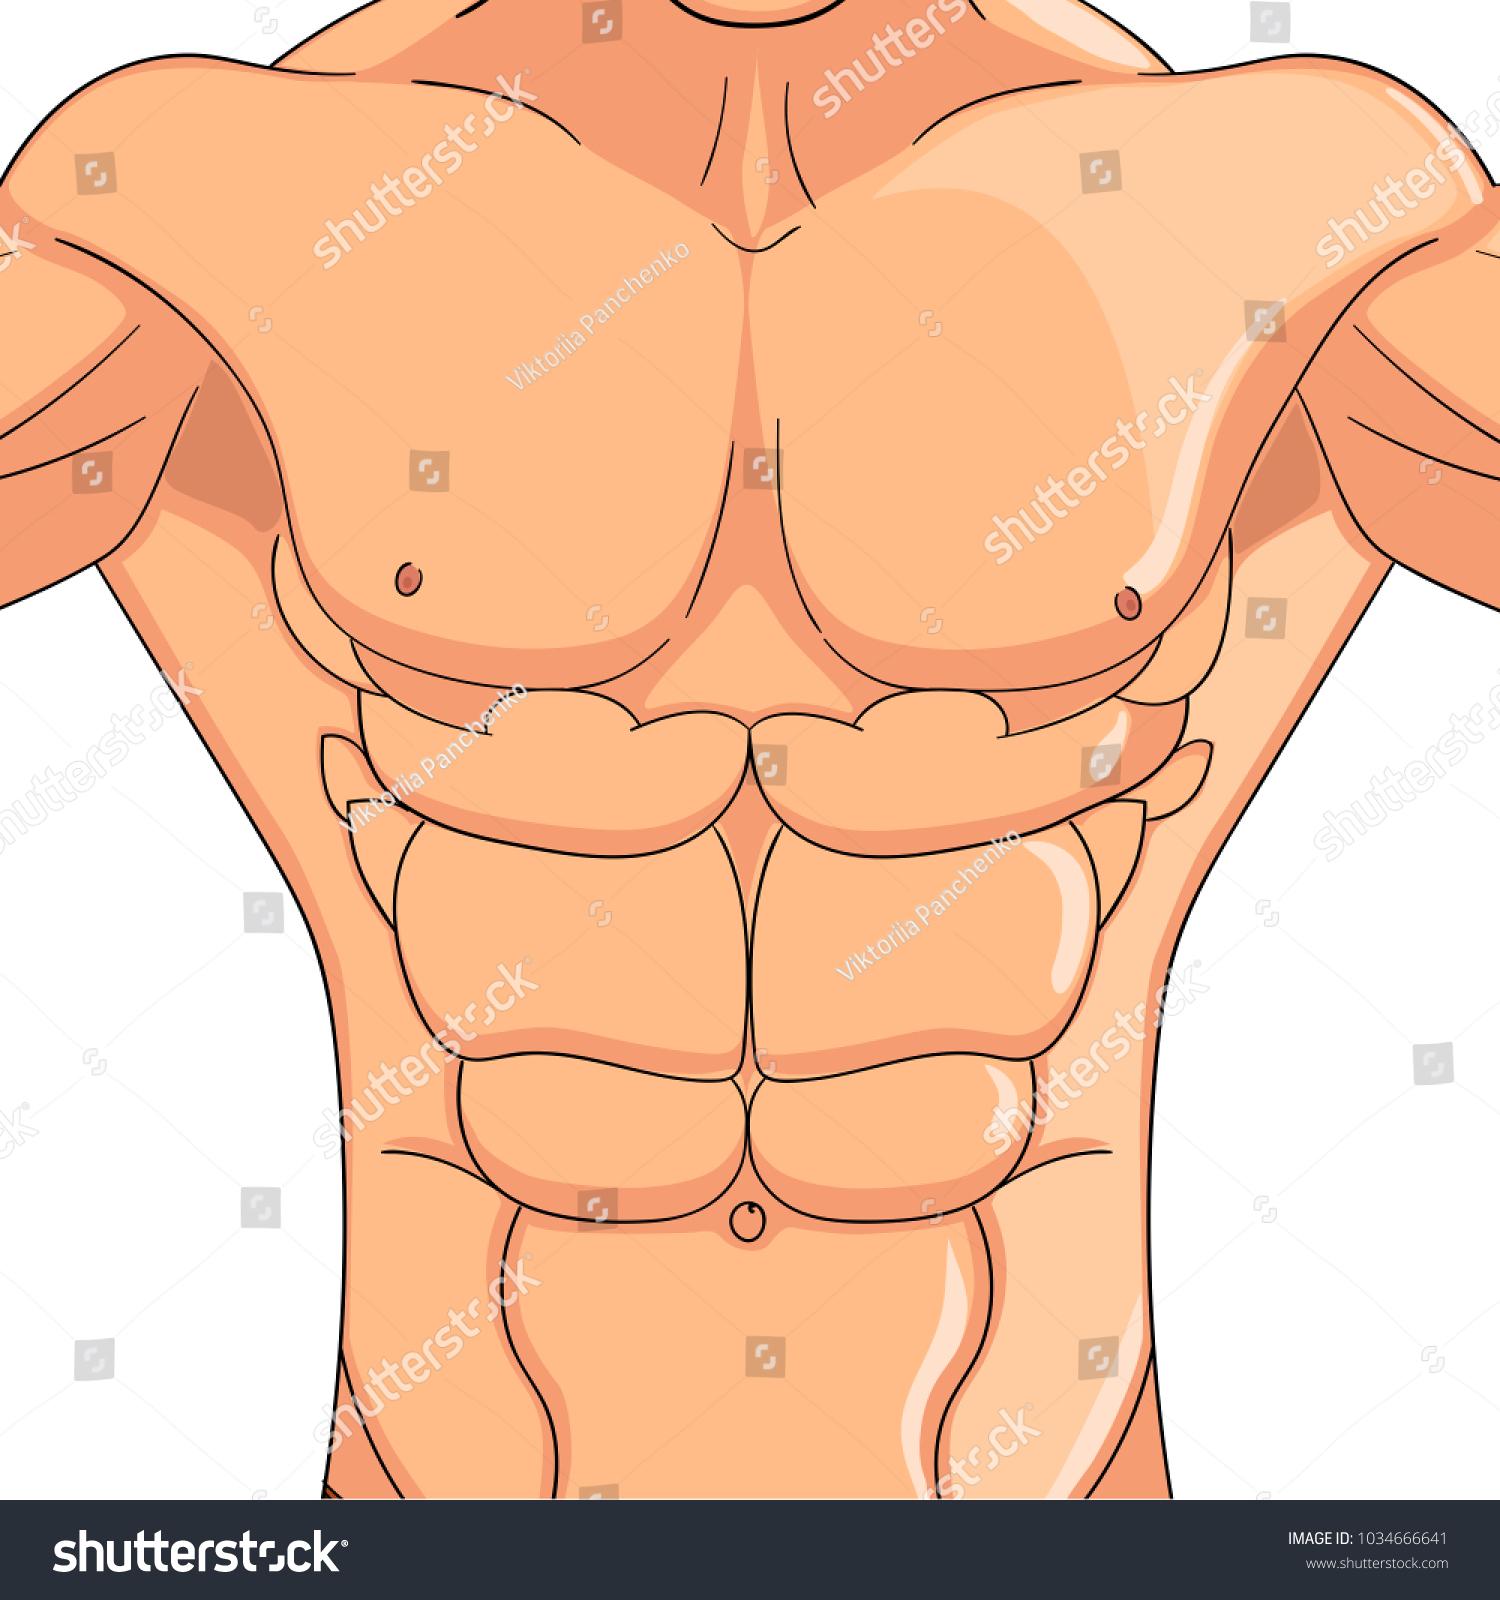 Male Press Body Athlete Bodybuilder Anatomy Stock Illustration